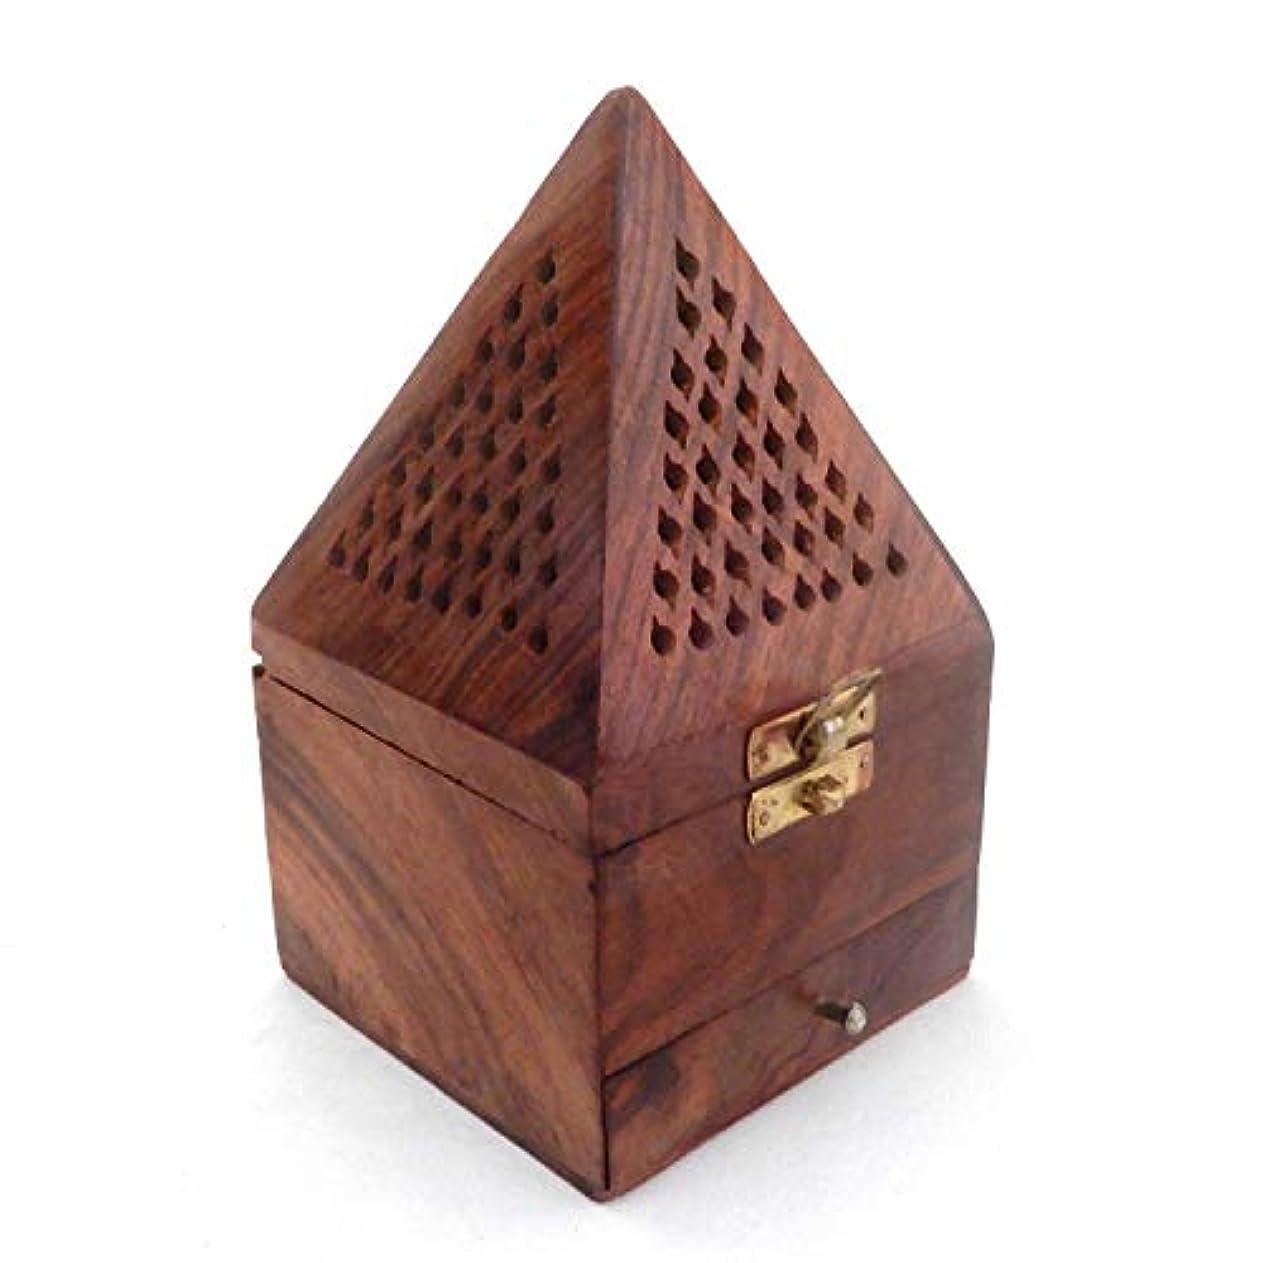 雇った名前を作る接続クリスマスプレゼント、木製ピラミッド形状Burner、Dhoopホルダーwith Base正方形とトップ円錐形状Dhoopホルダー